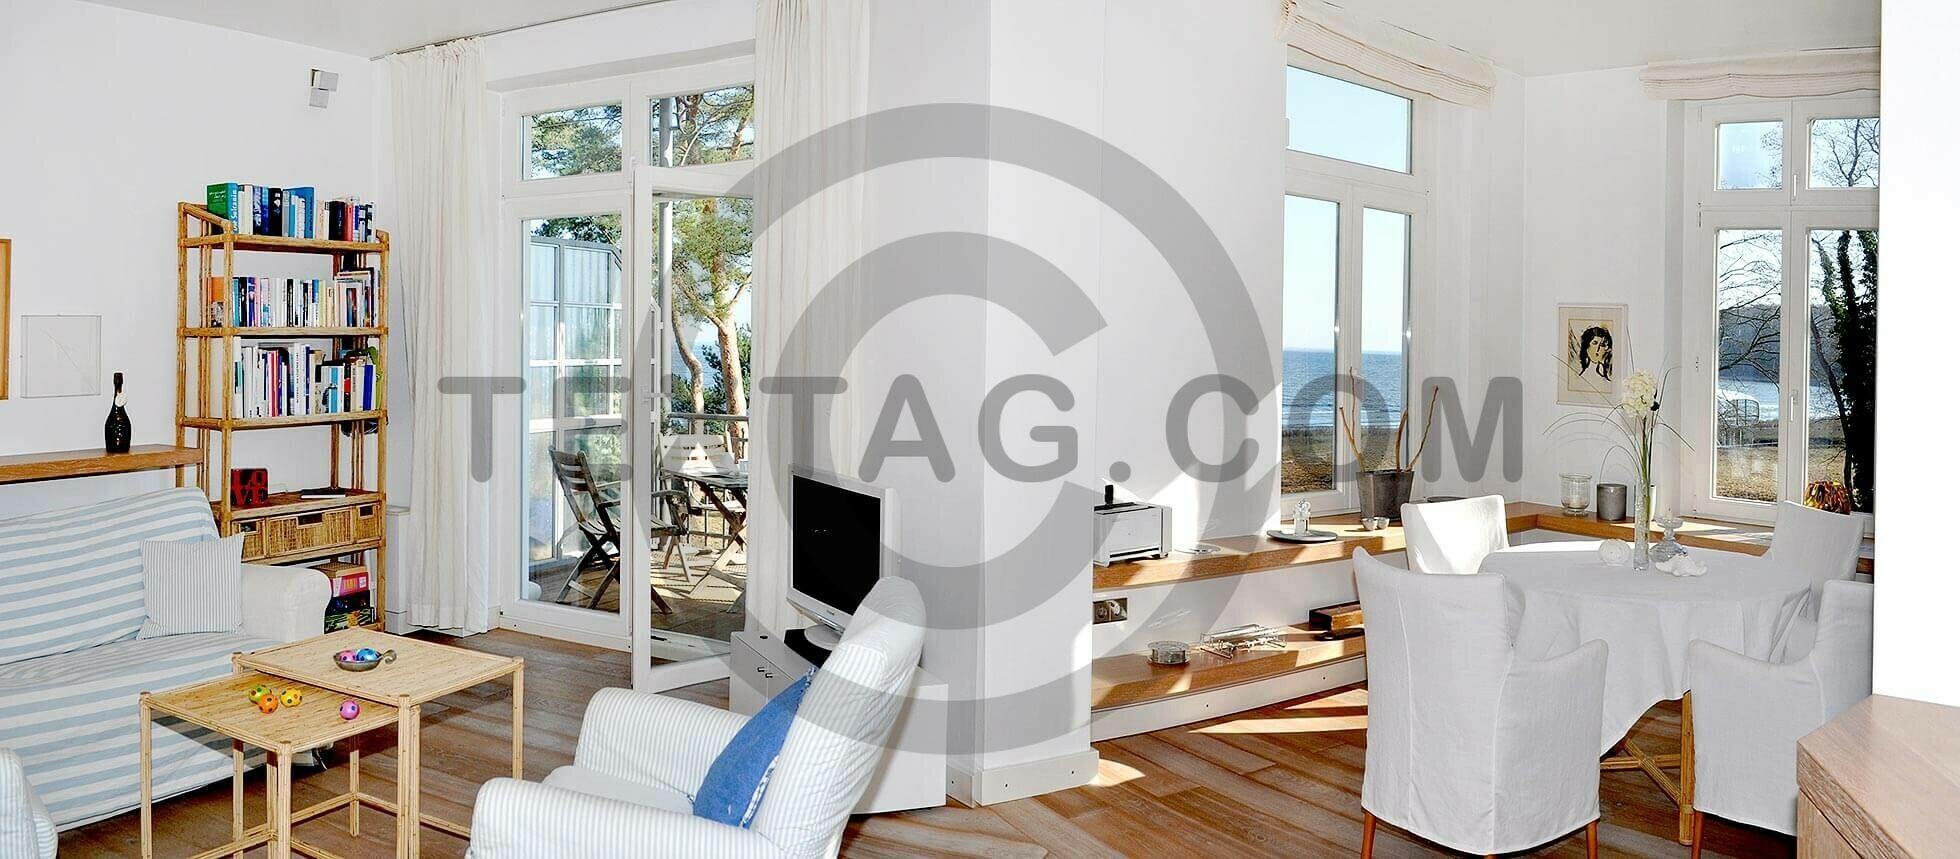 Wir erstellen Ihre Werbe- und Produktfotos, Innen- und Außenaufnahmen für Ferienwohnungen, Hotels und andere Branchen